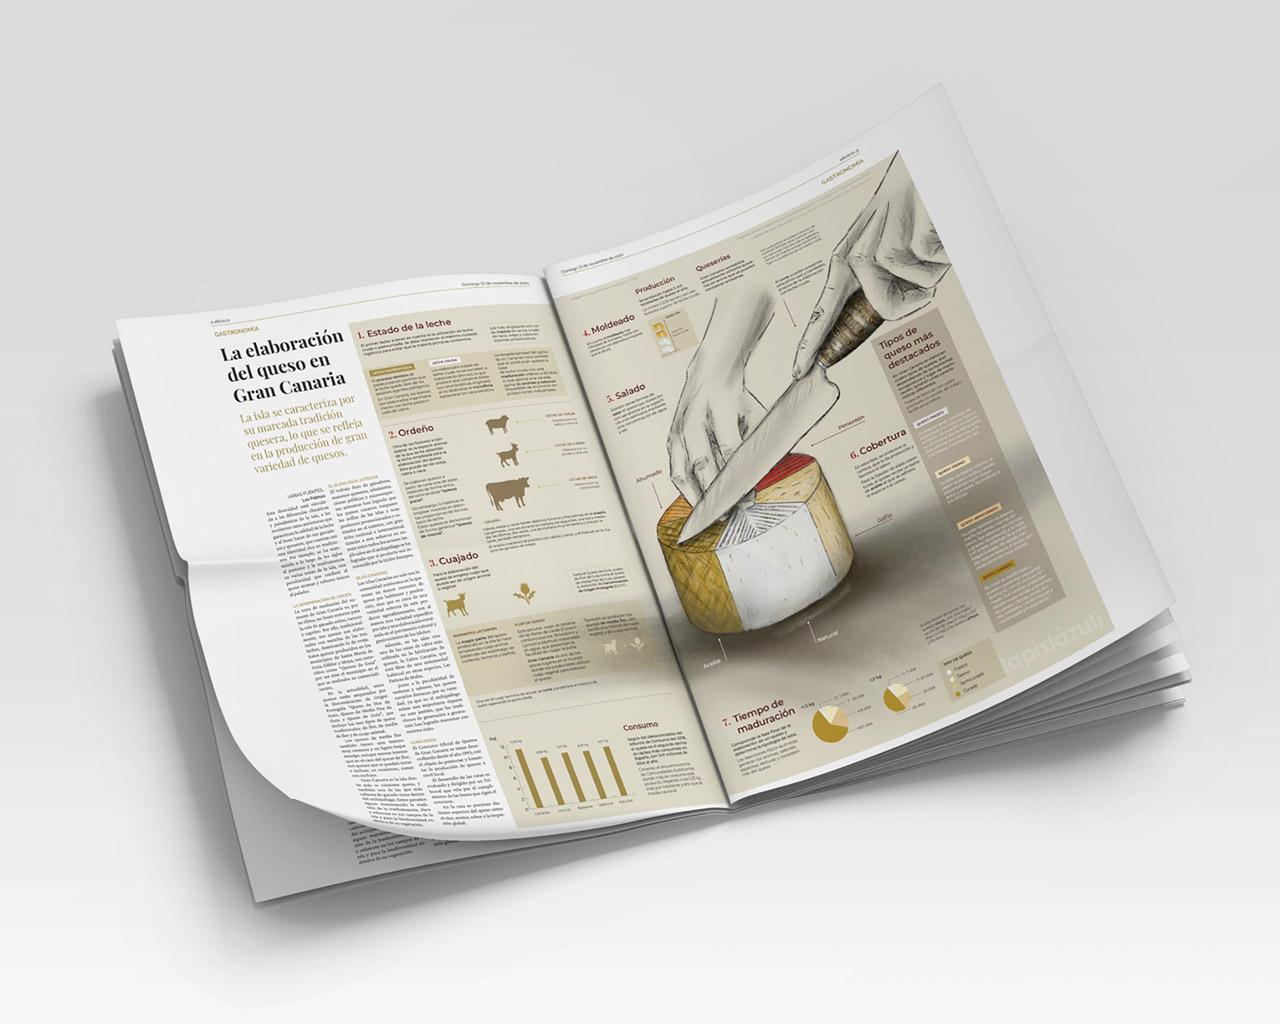 Mockup de la infografía realizada para tabloide sobre la elaboración del queso en Gran Canaria